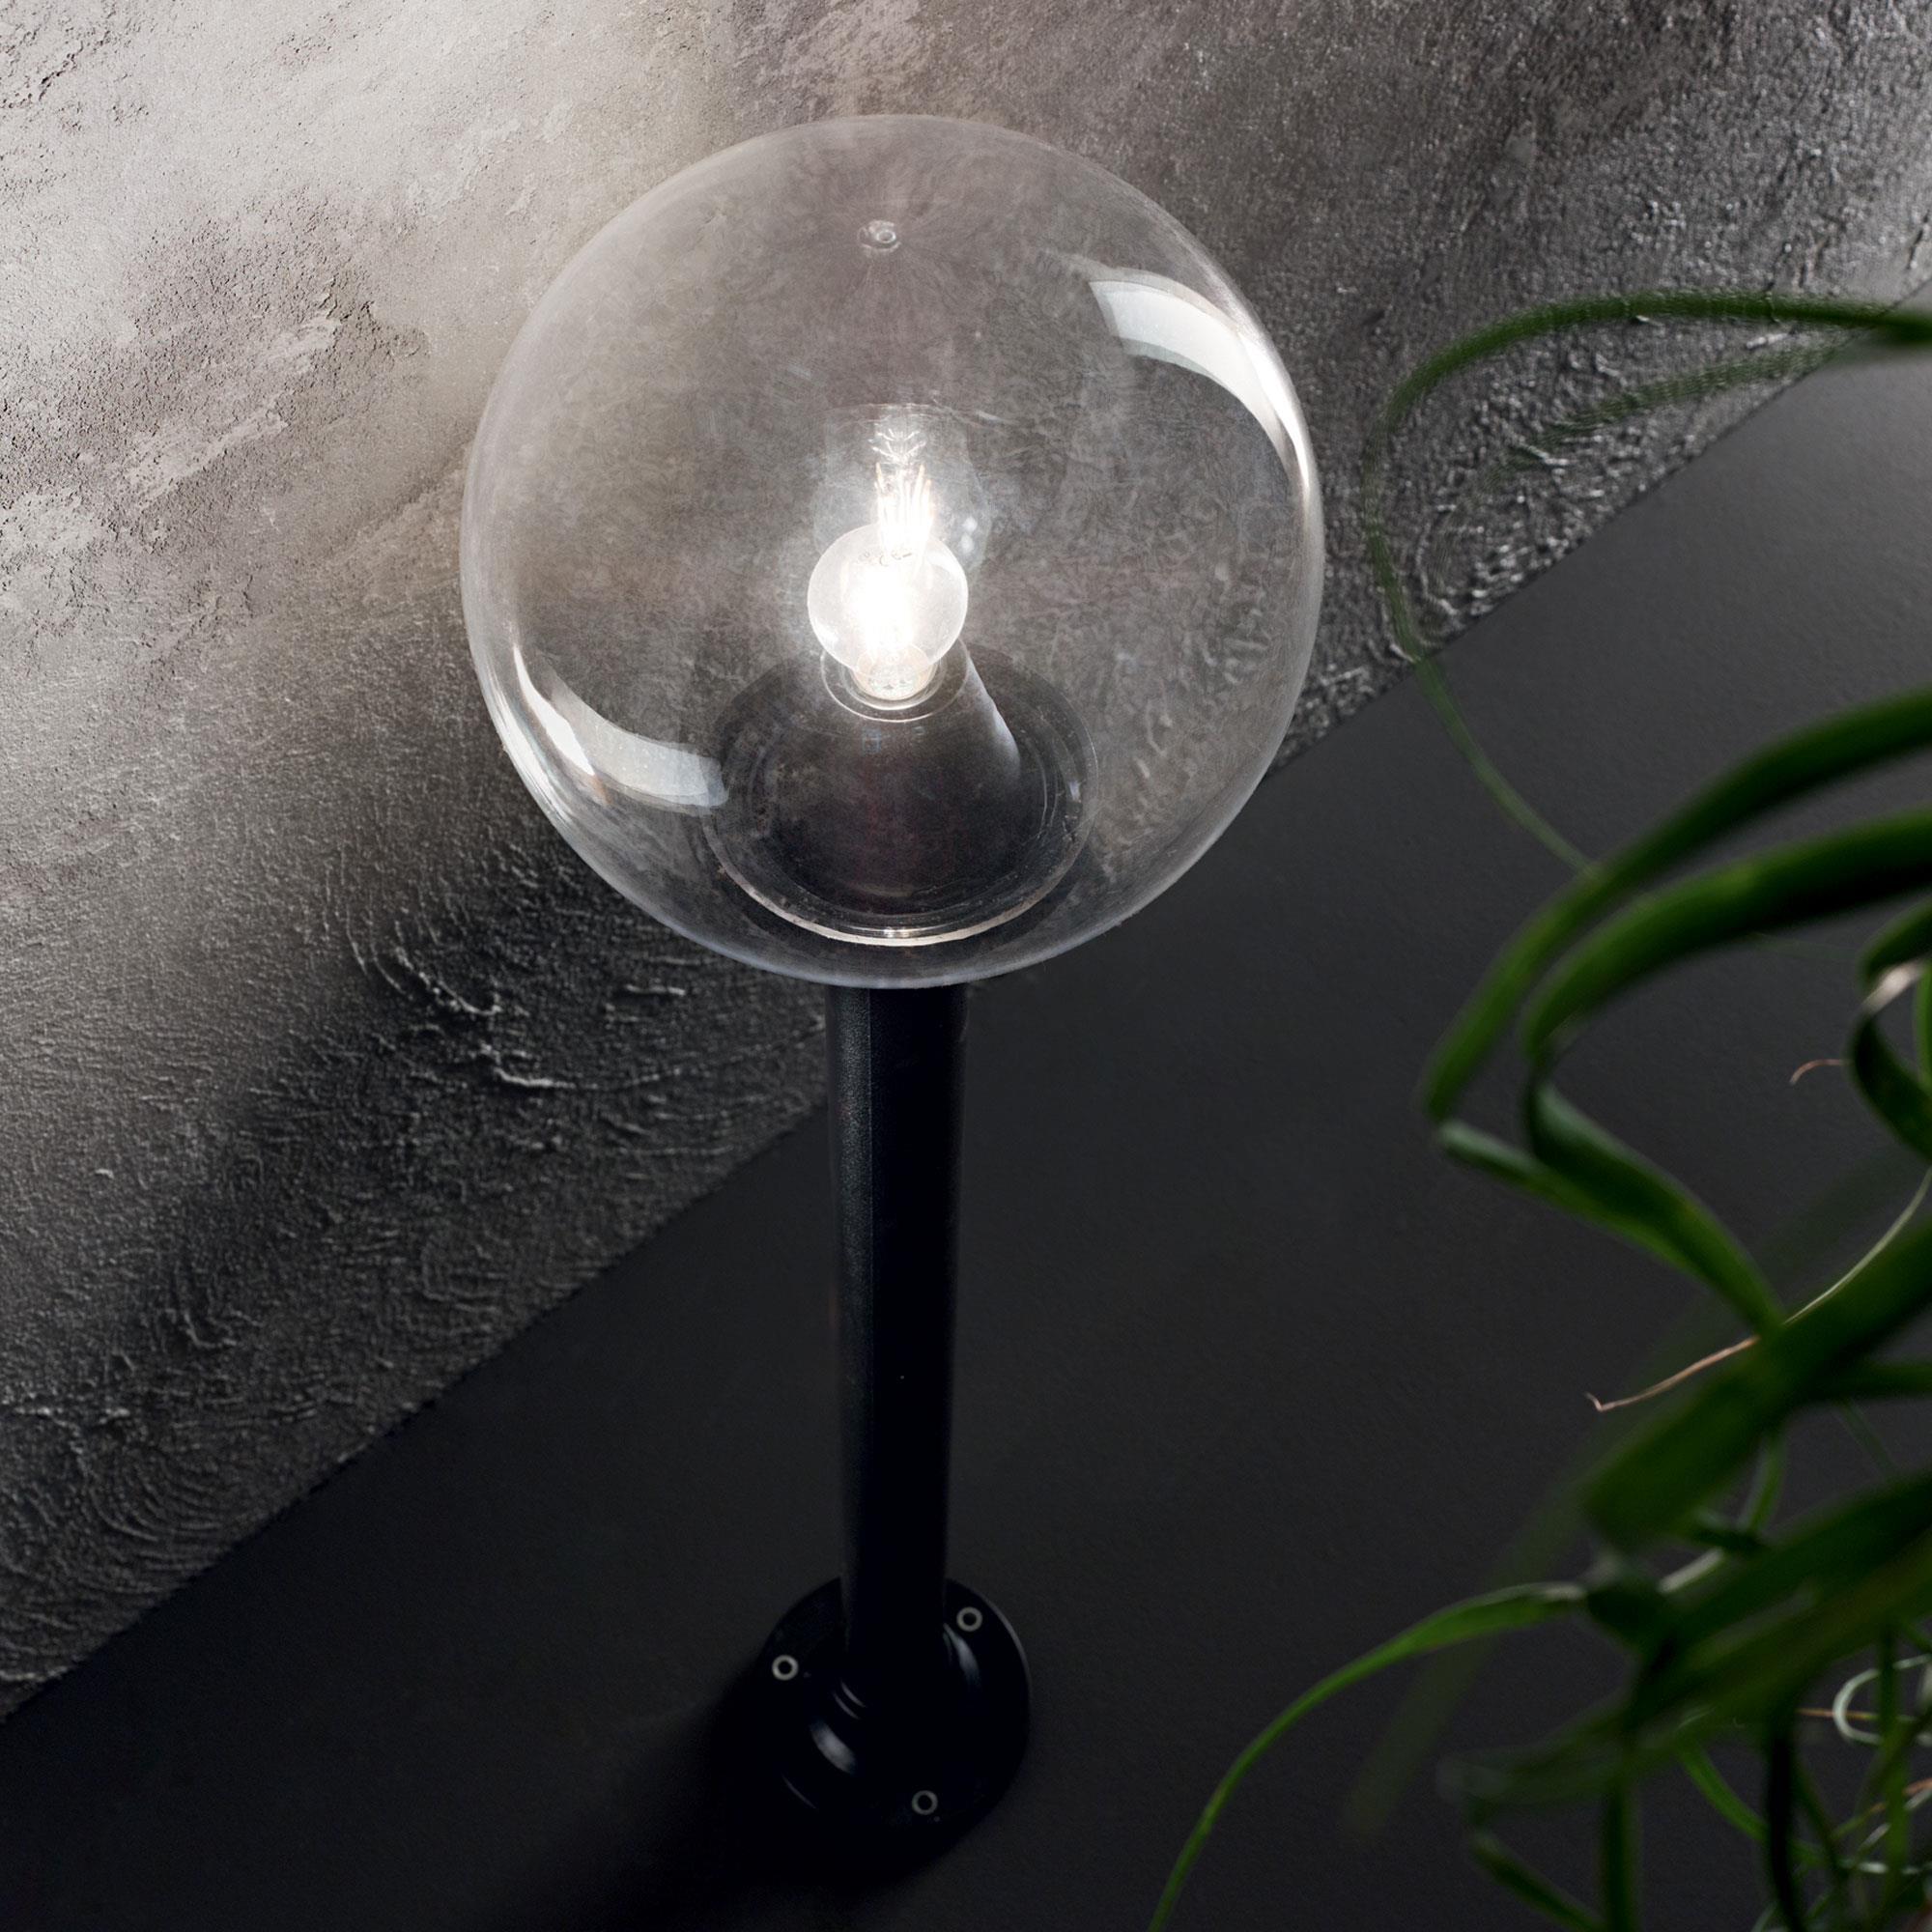 Ideal Lux 187532 Classic Globe PT1 Big Trasparente kültéri állólámpa